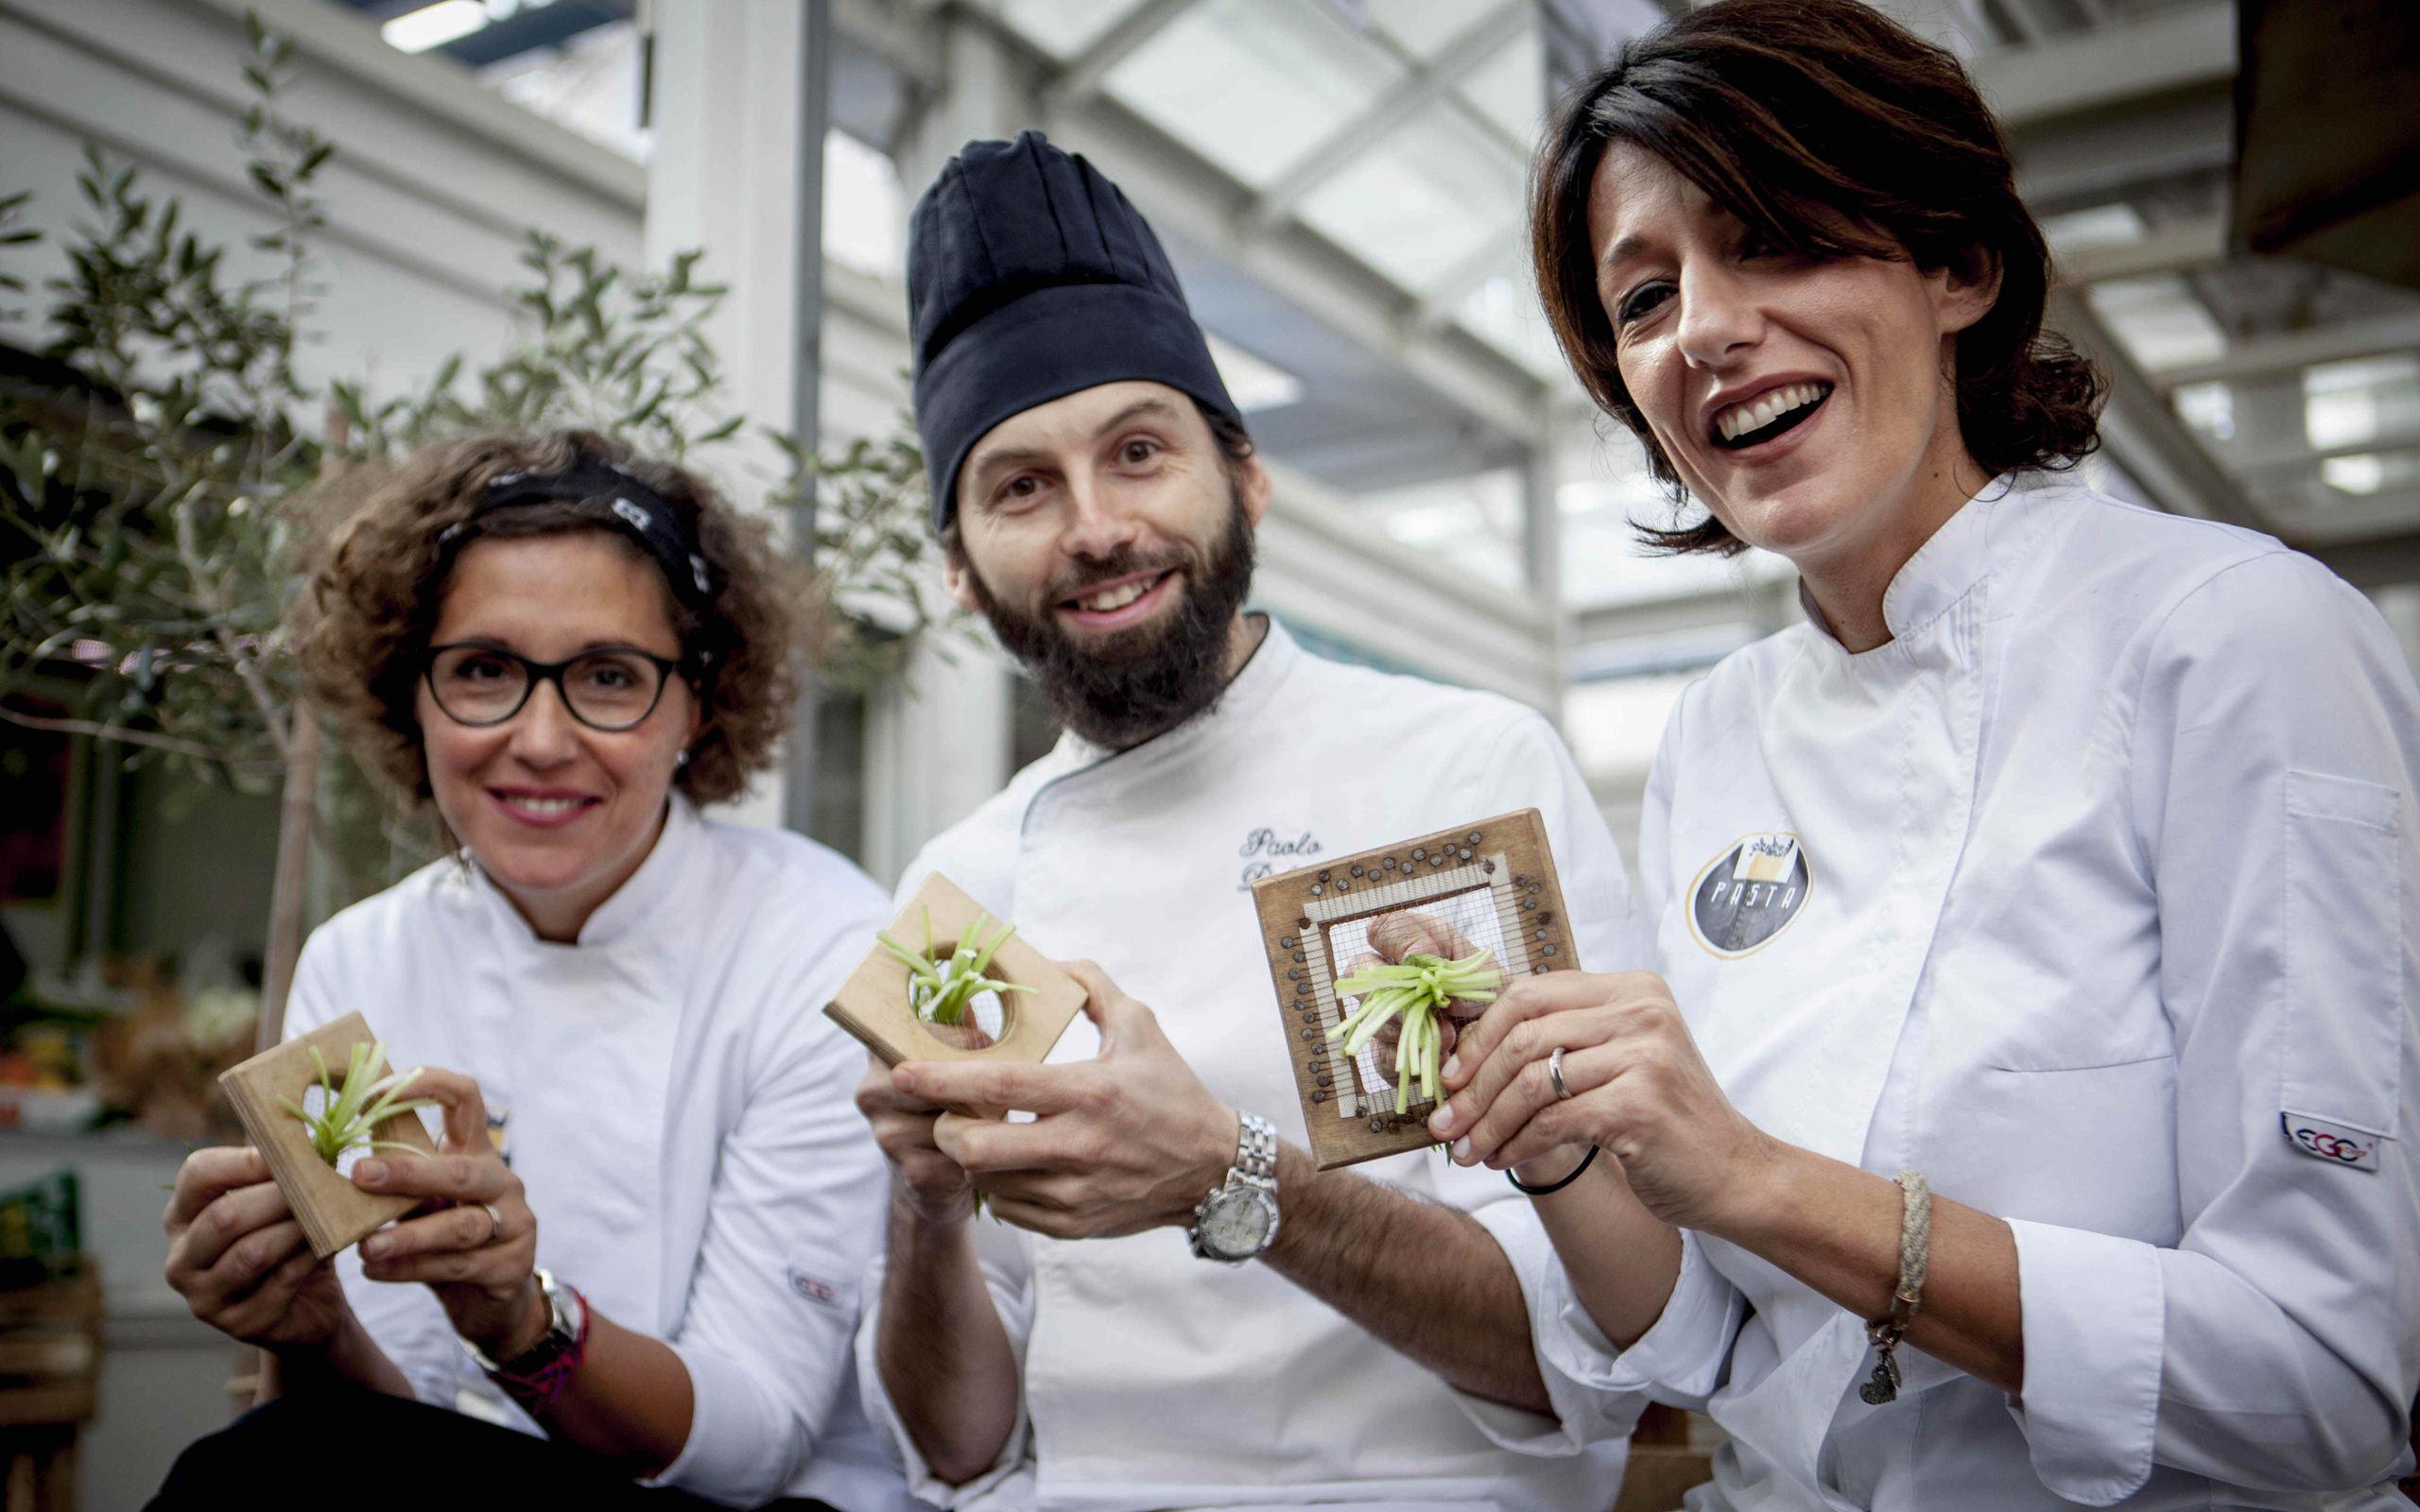 Pasta Team al Mercato di Testaccio - ©Raffaella Midiri Photographer